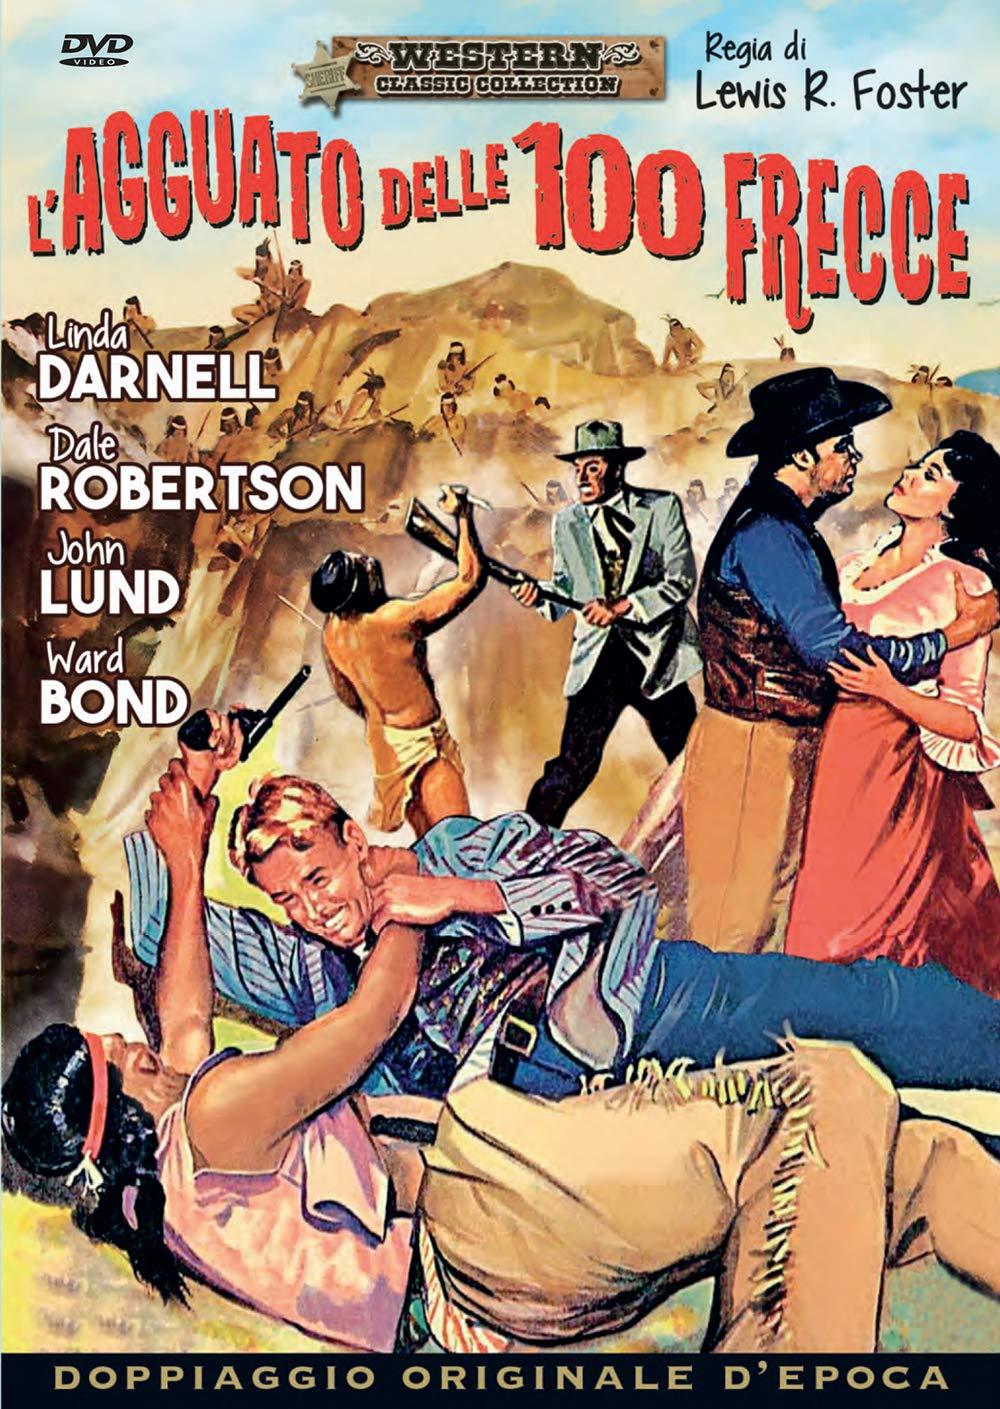 L'AGGUATO DELLE CENTO FRECCE (DVD)